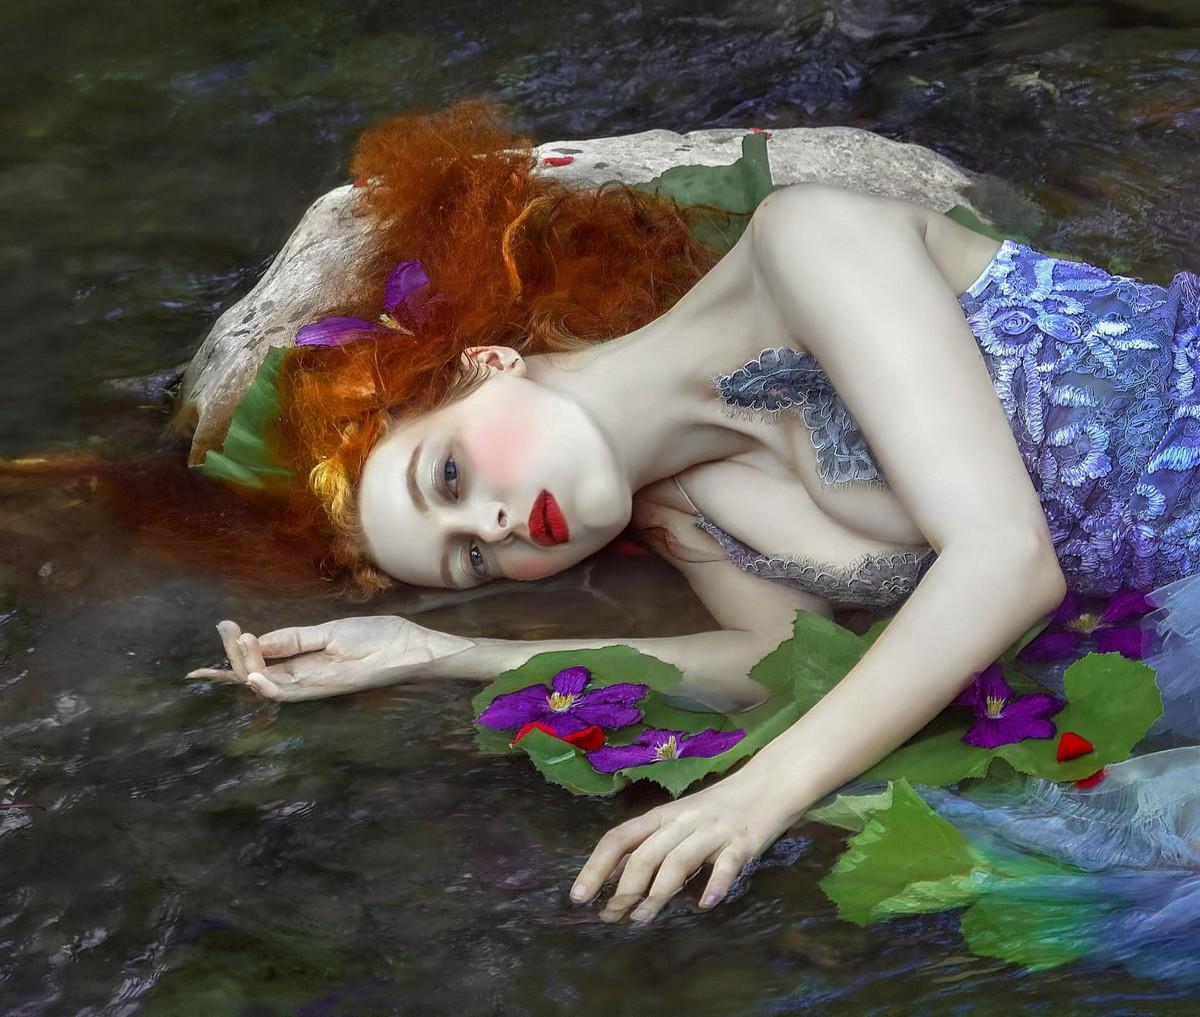 Прекрасные лесные феи из волшебных миров от Агнежки Лорек